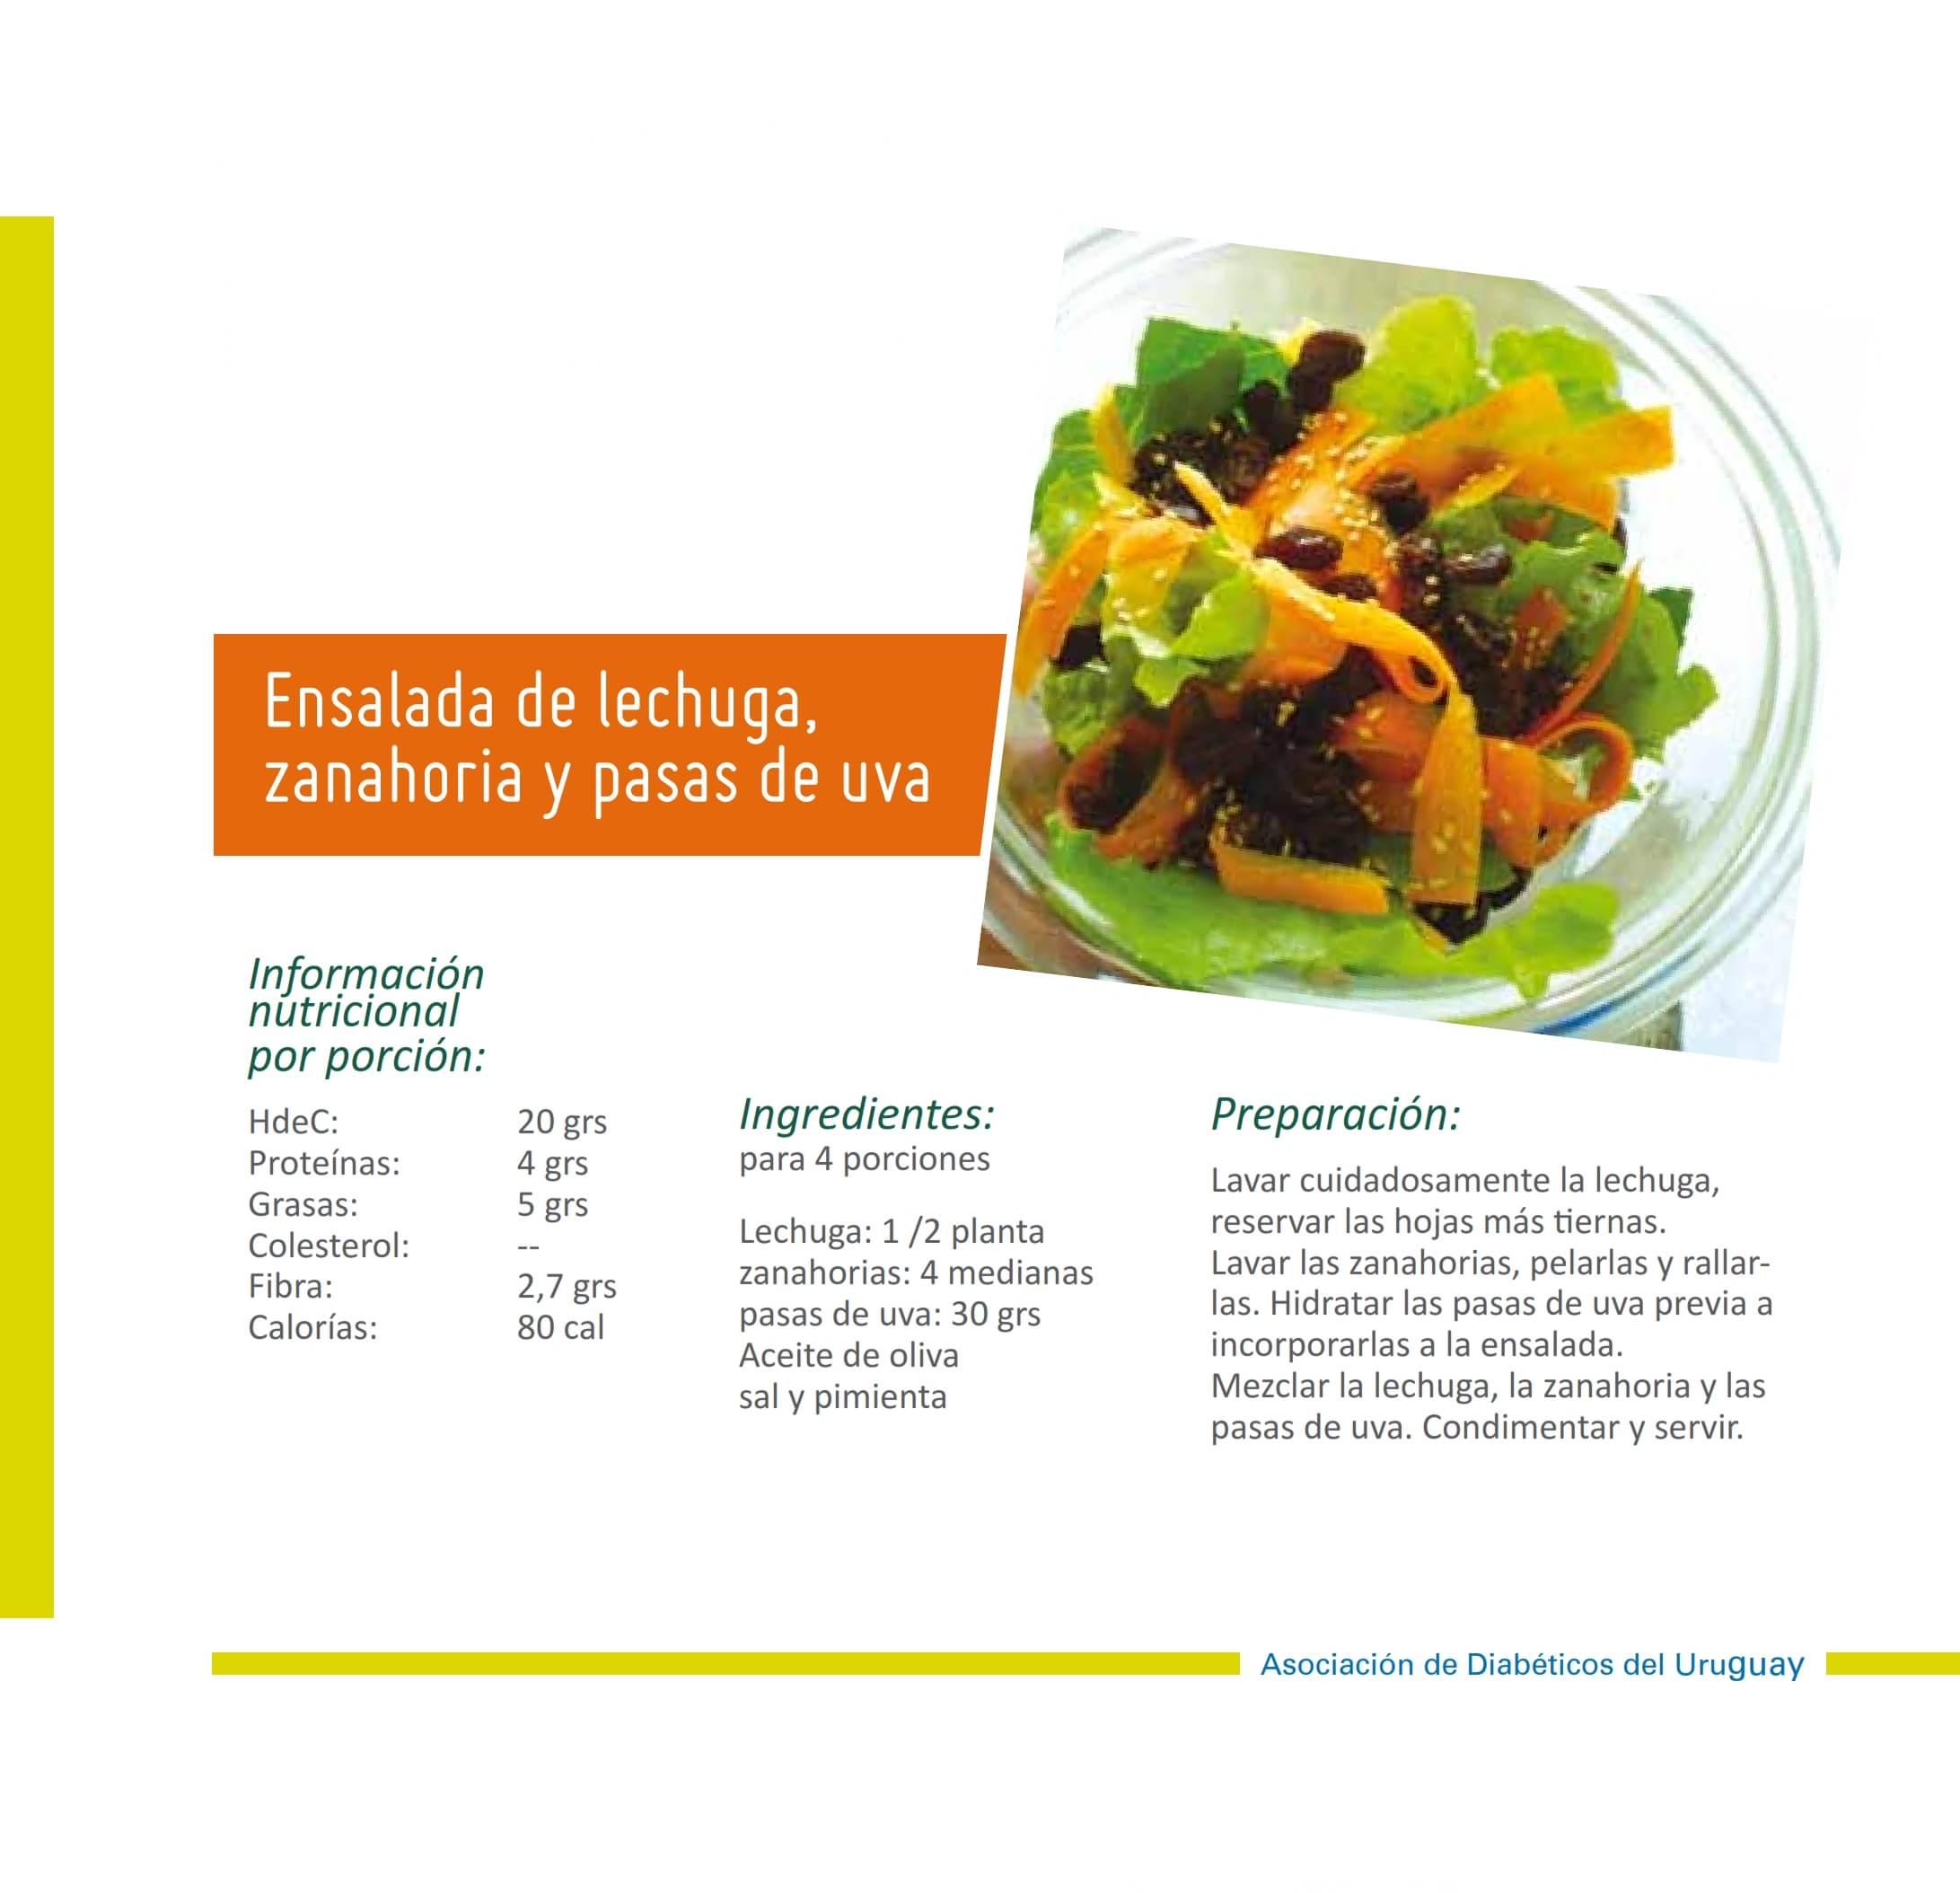 Ensalada de lechuga zanahoria y pasas 001-min